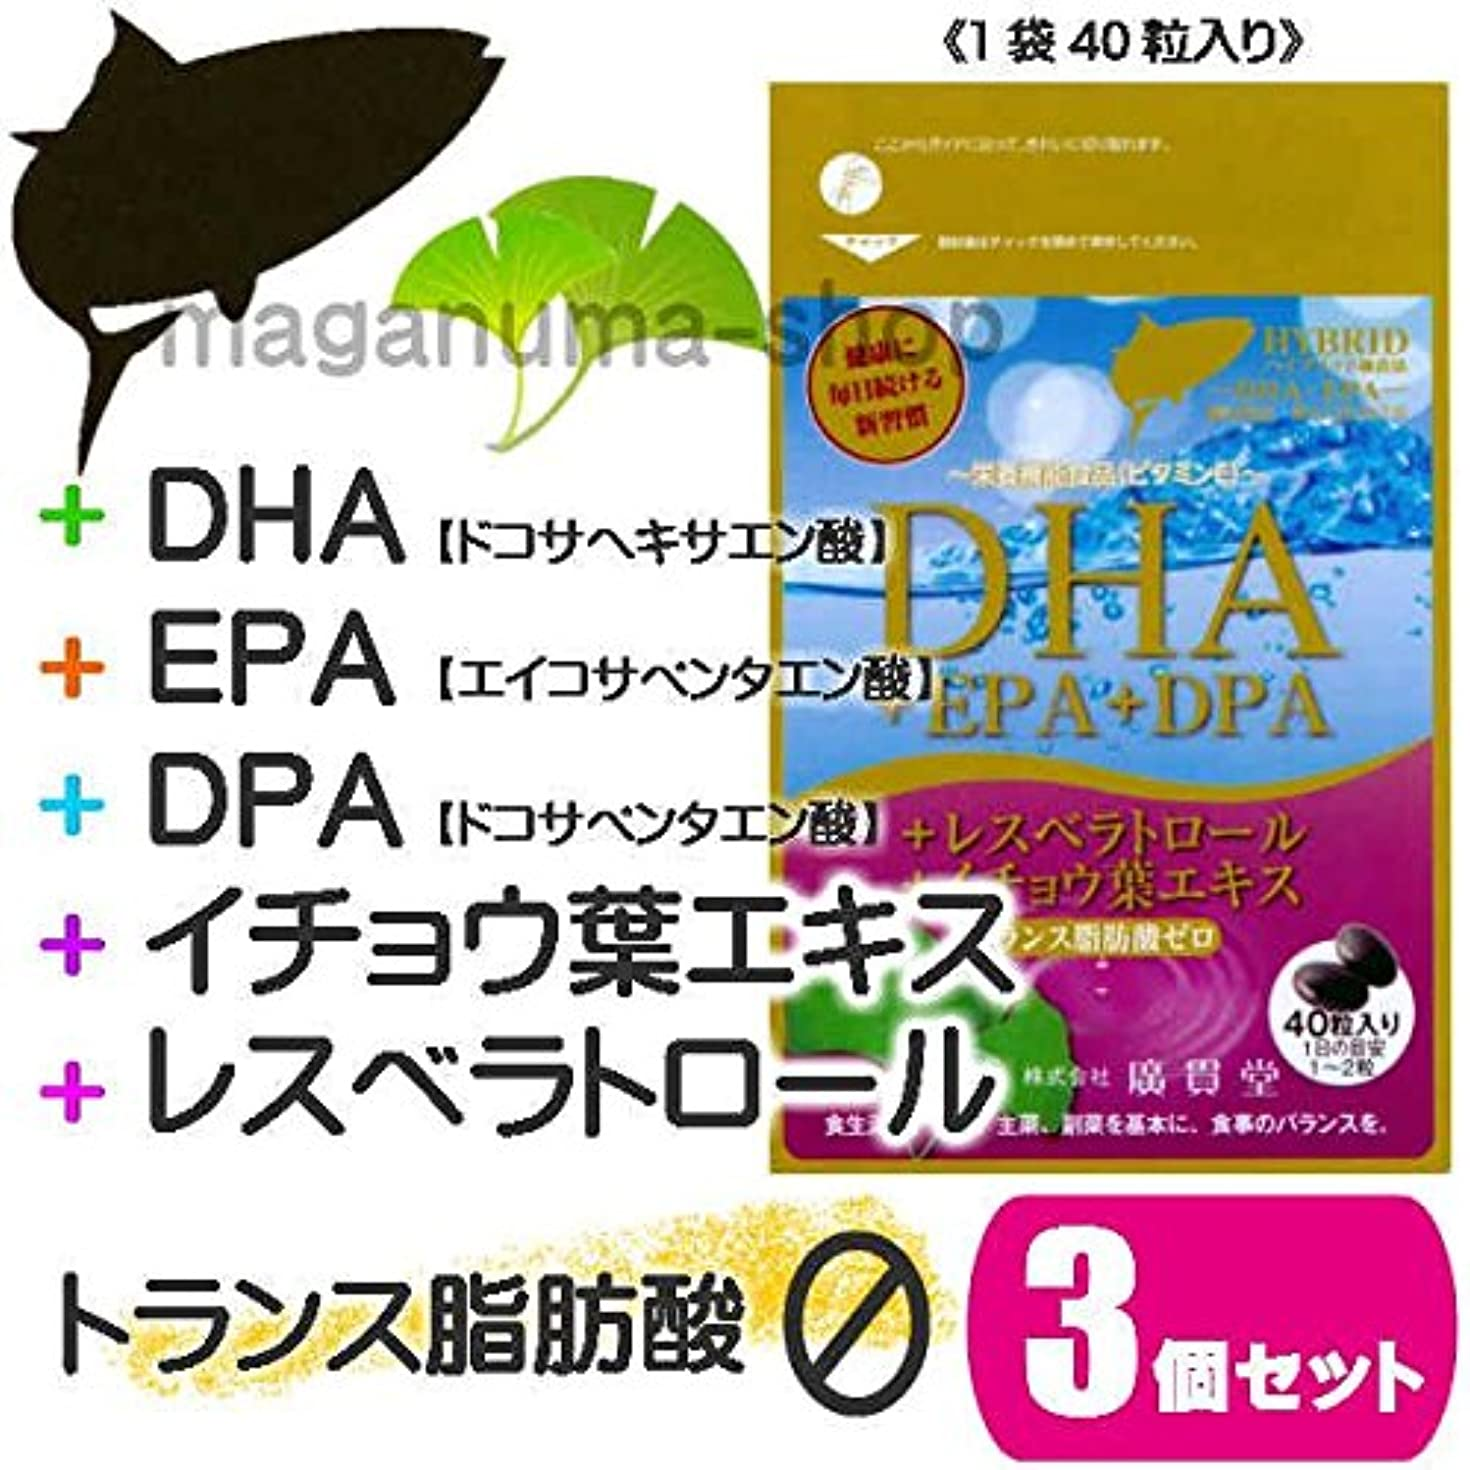 レシピ全国酸DHA+EPA+DPA+レスベラトロール+イチョウ葉エキス 3個セット